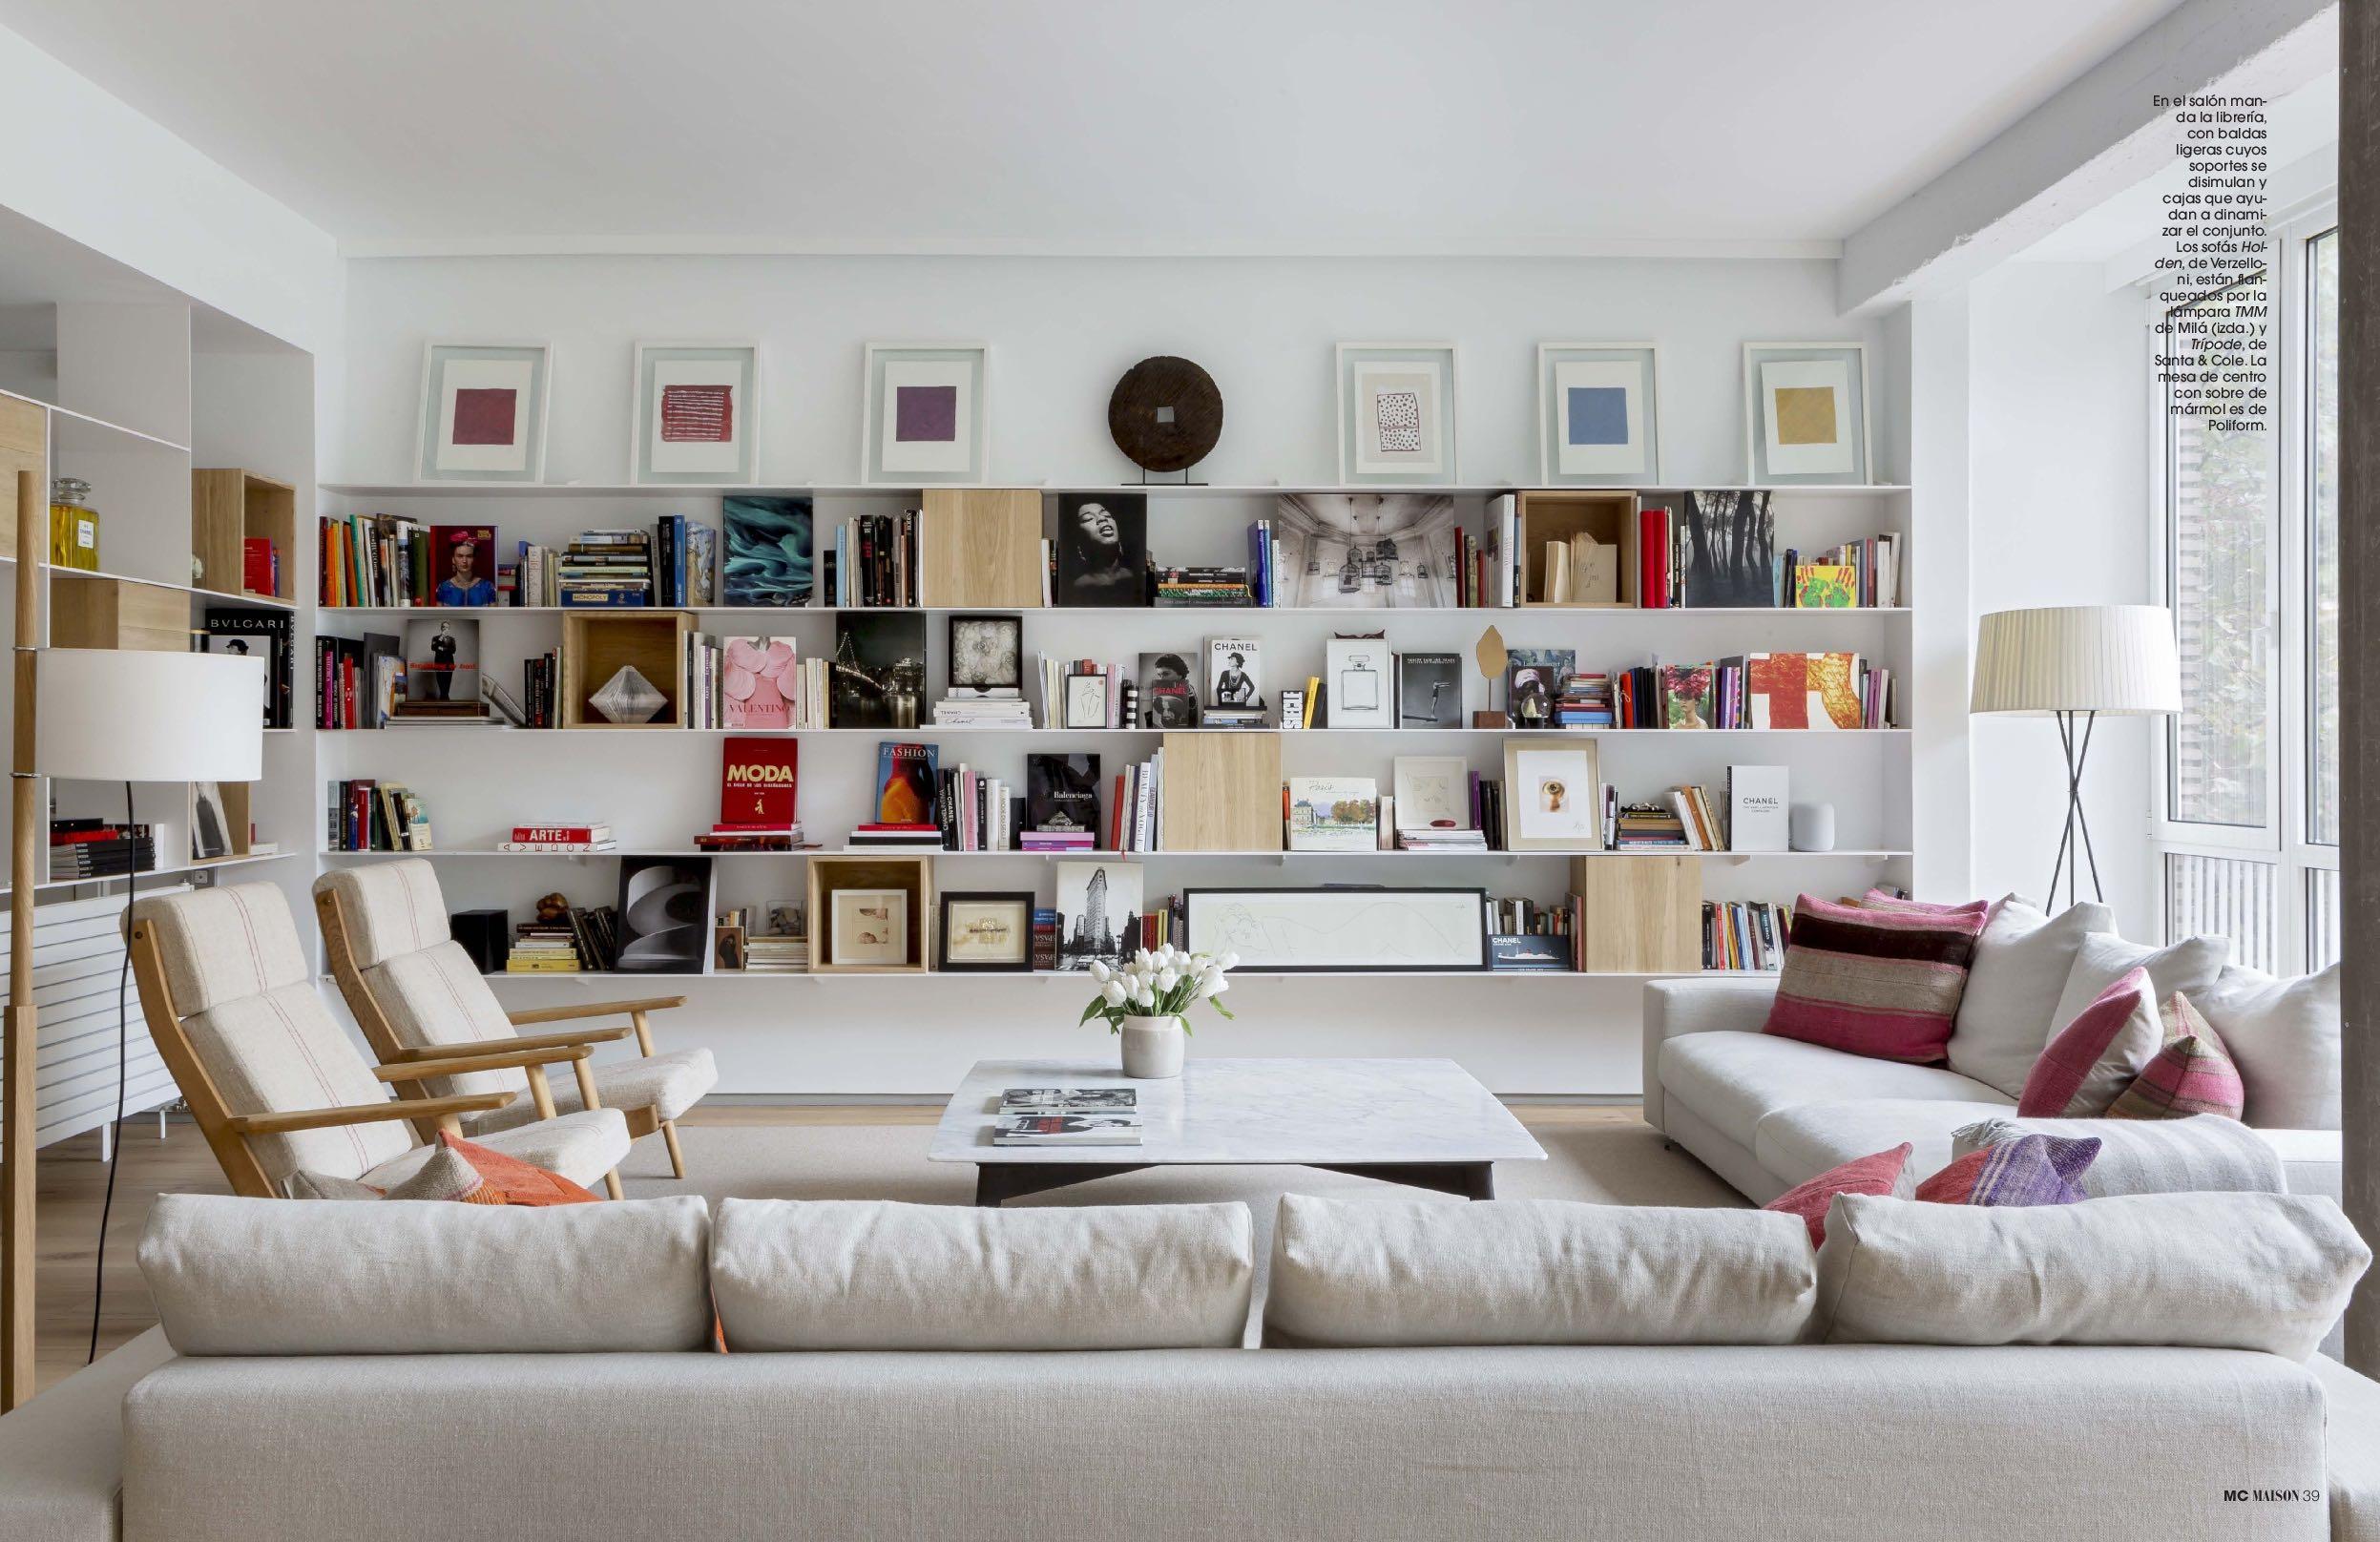 Revista marie claire maison la casa de la luz blog de muebles y decoraci n - Marie claire casa ...